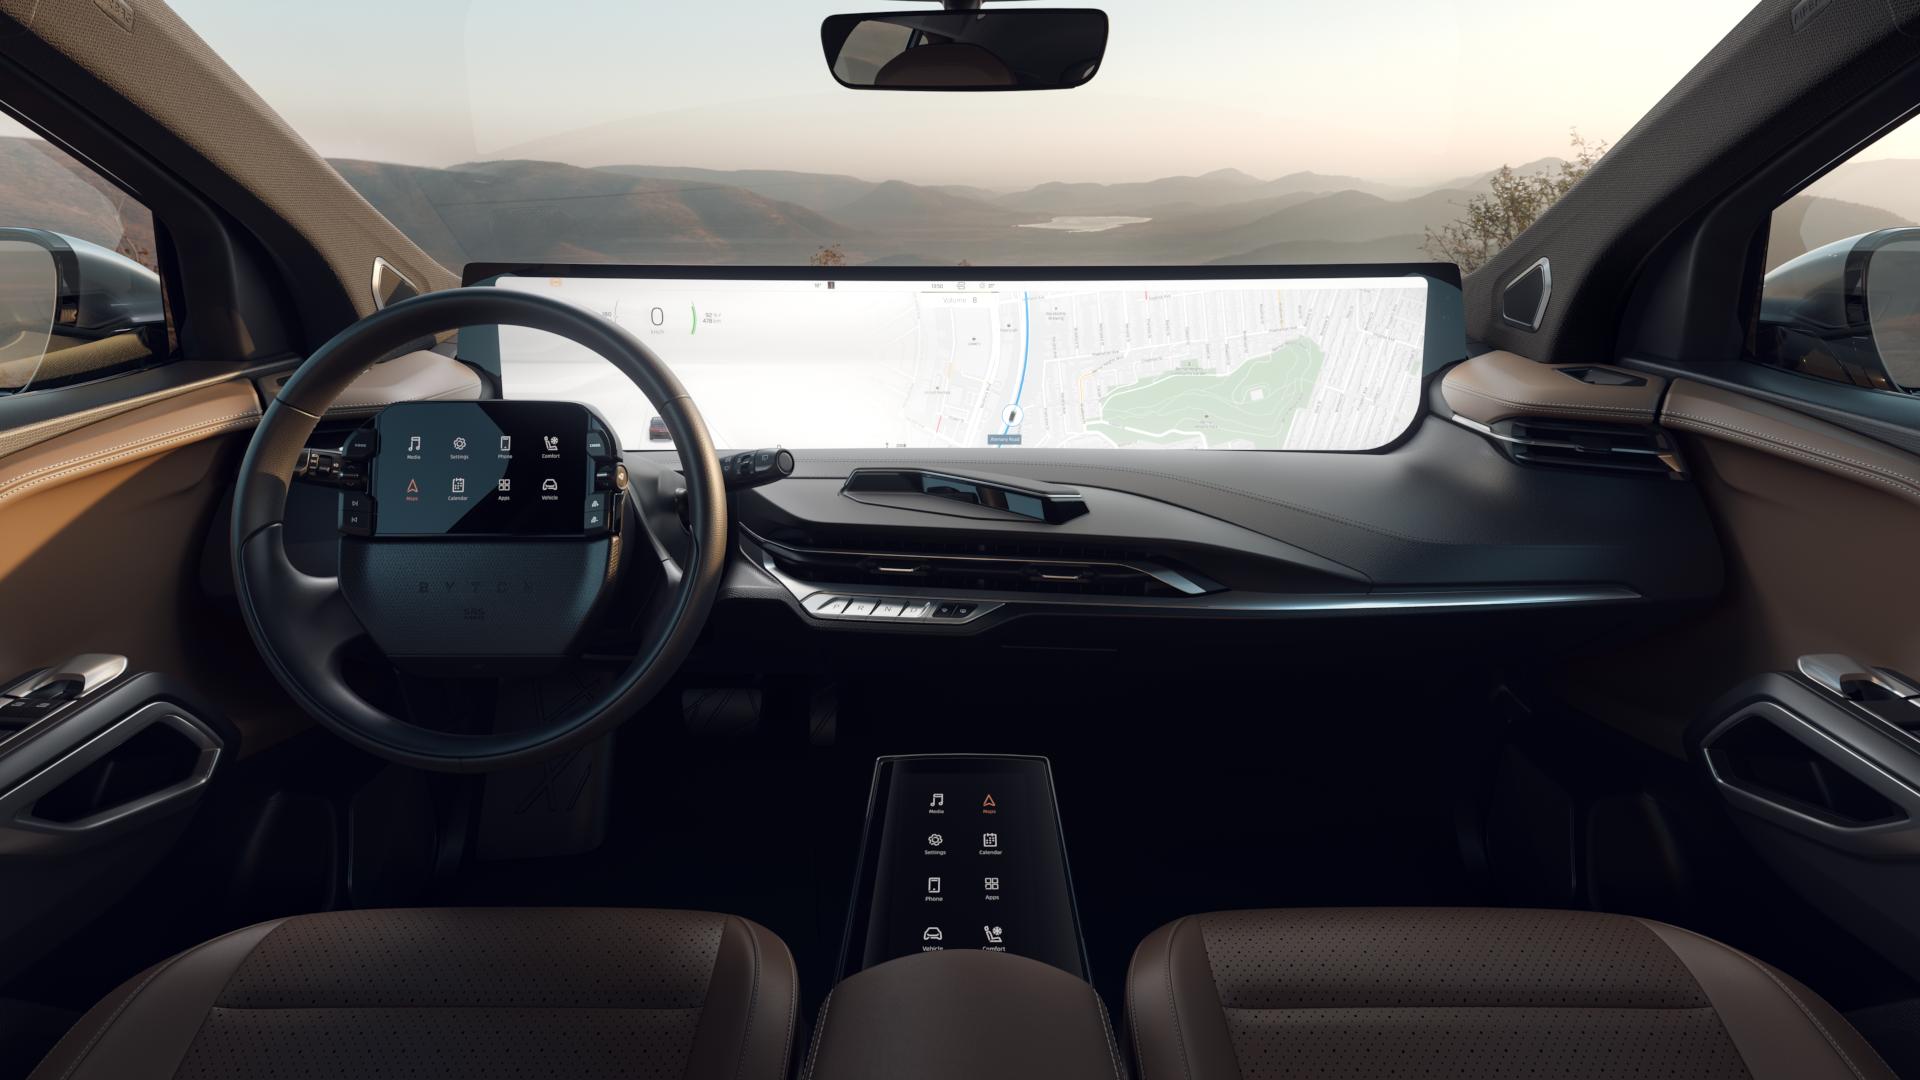 Førermiljøet har blitt utviklet en del siden lanseringen i fjor. En touchskjerm er lagt til i midtkonsollen, i tillegg til at kameraet som gjenkjenner håndbevegelser nå er vendt mot føreren. Ikke minst er bilen litt lenger unna konseptstadiet, med flere spaker og knapper på plass.